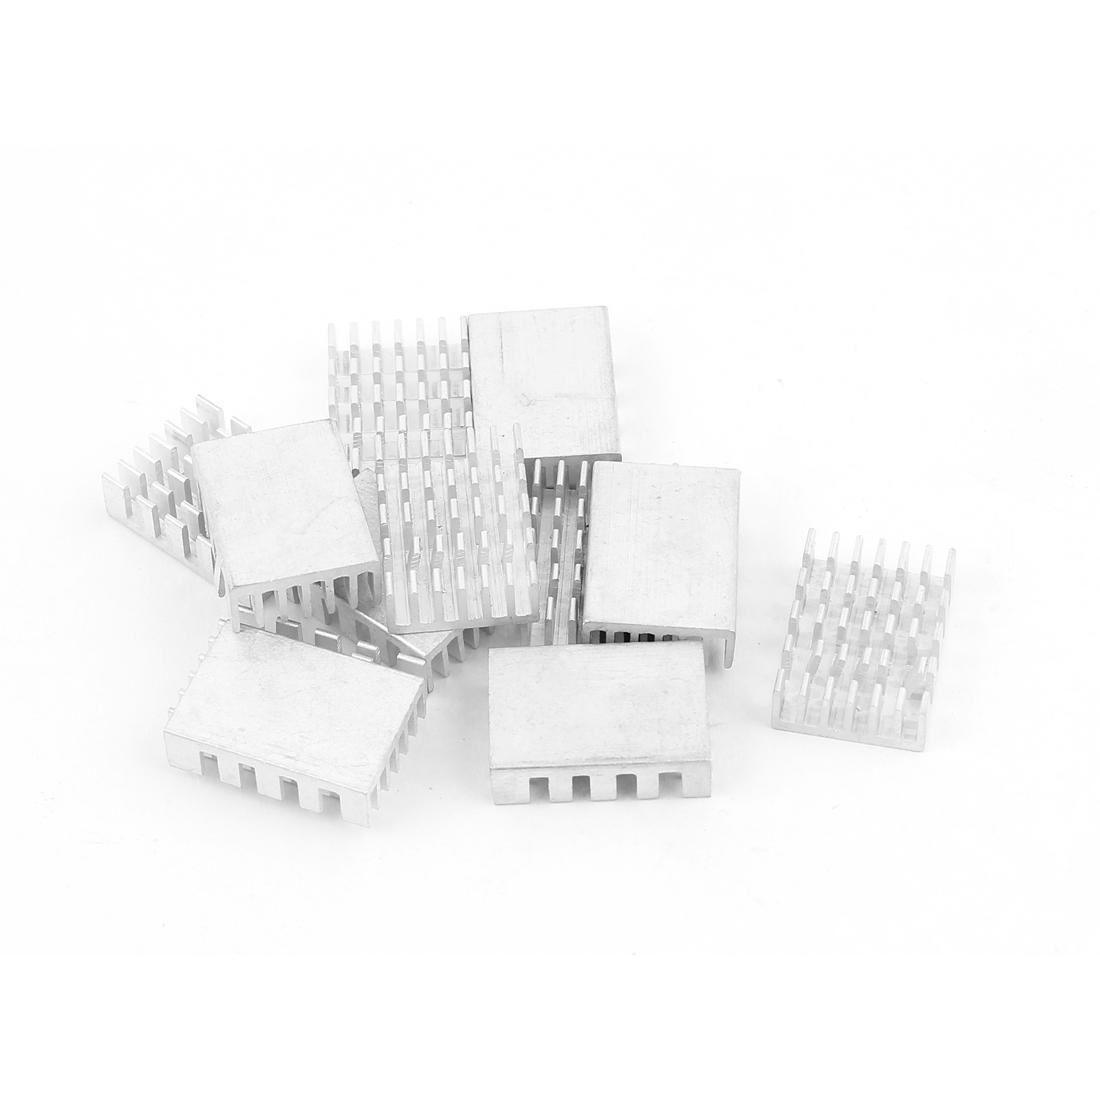 12pcs Aluminum Rectangle CPU Heatsink Radiator Heat Sink Cooling Fin 20mmx14mmx6mm